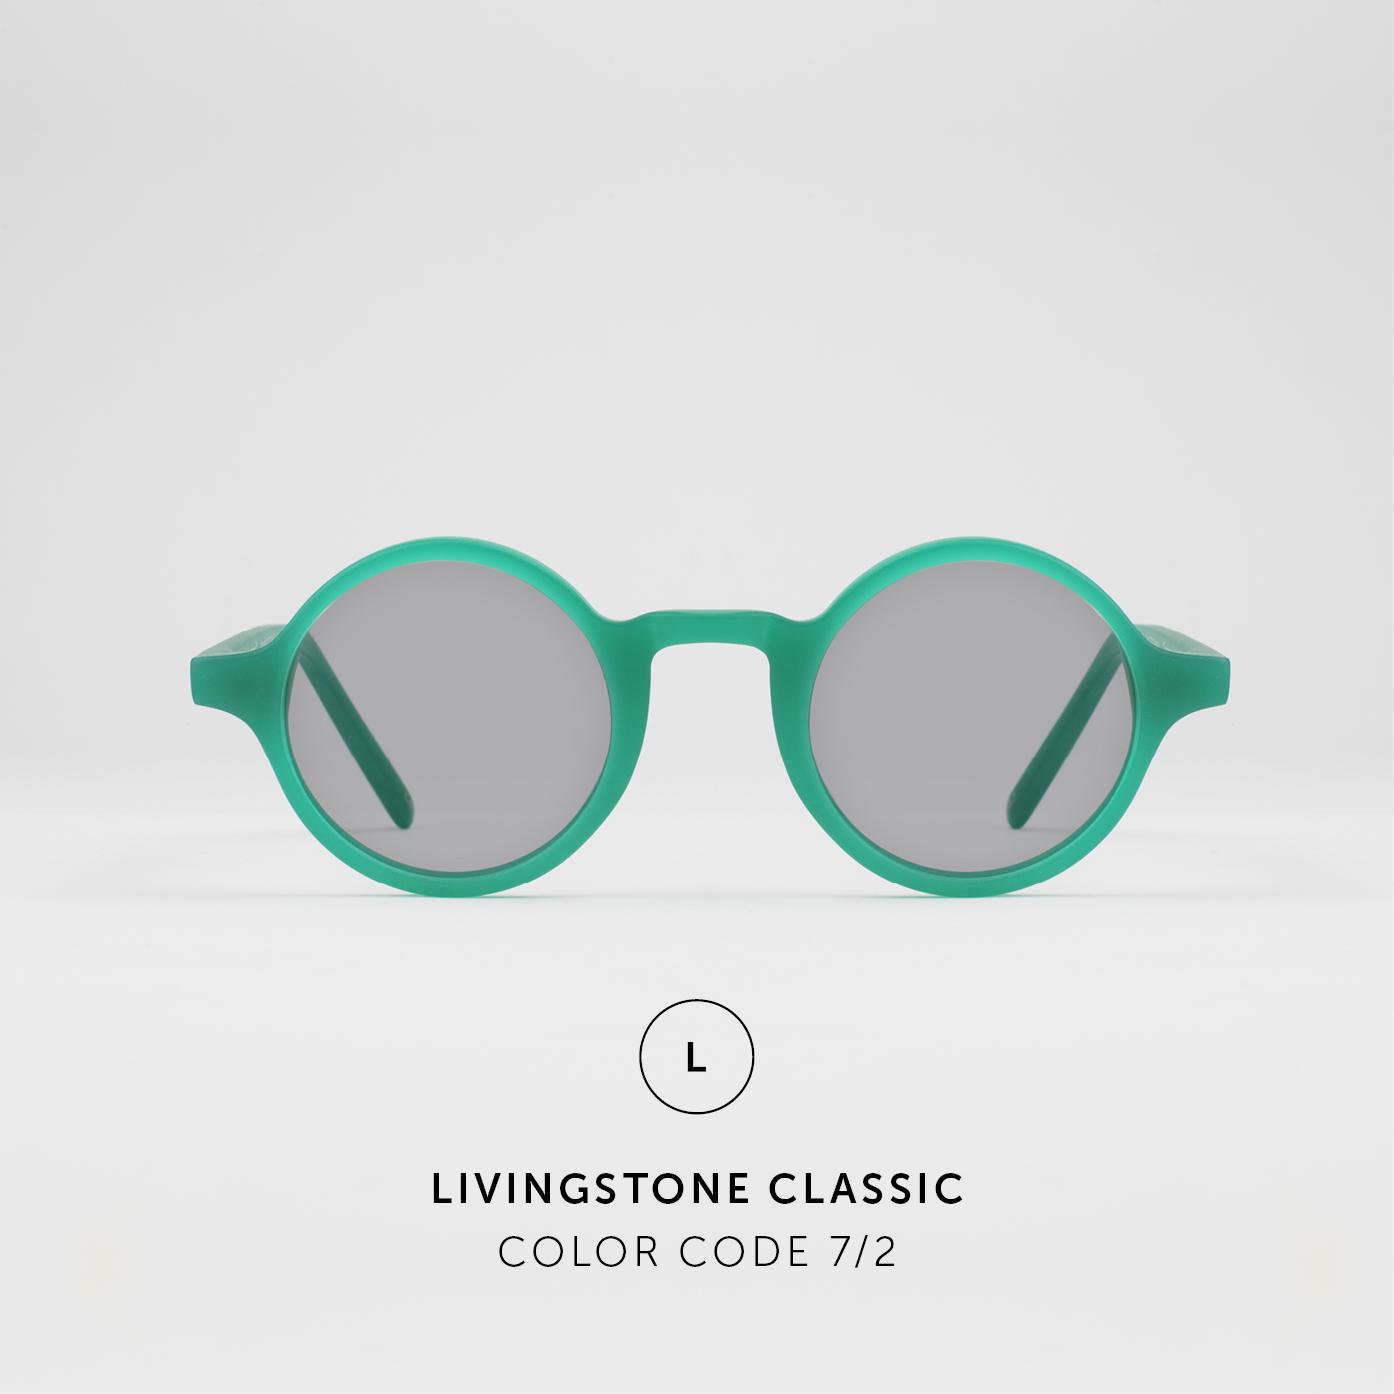 LivingstoneClassic39.jpg